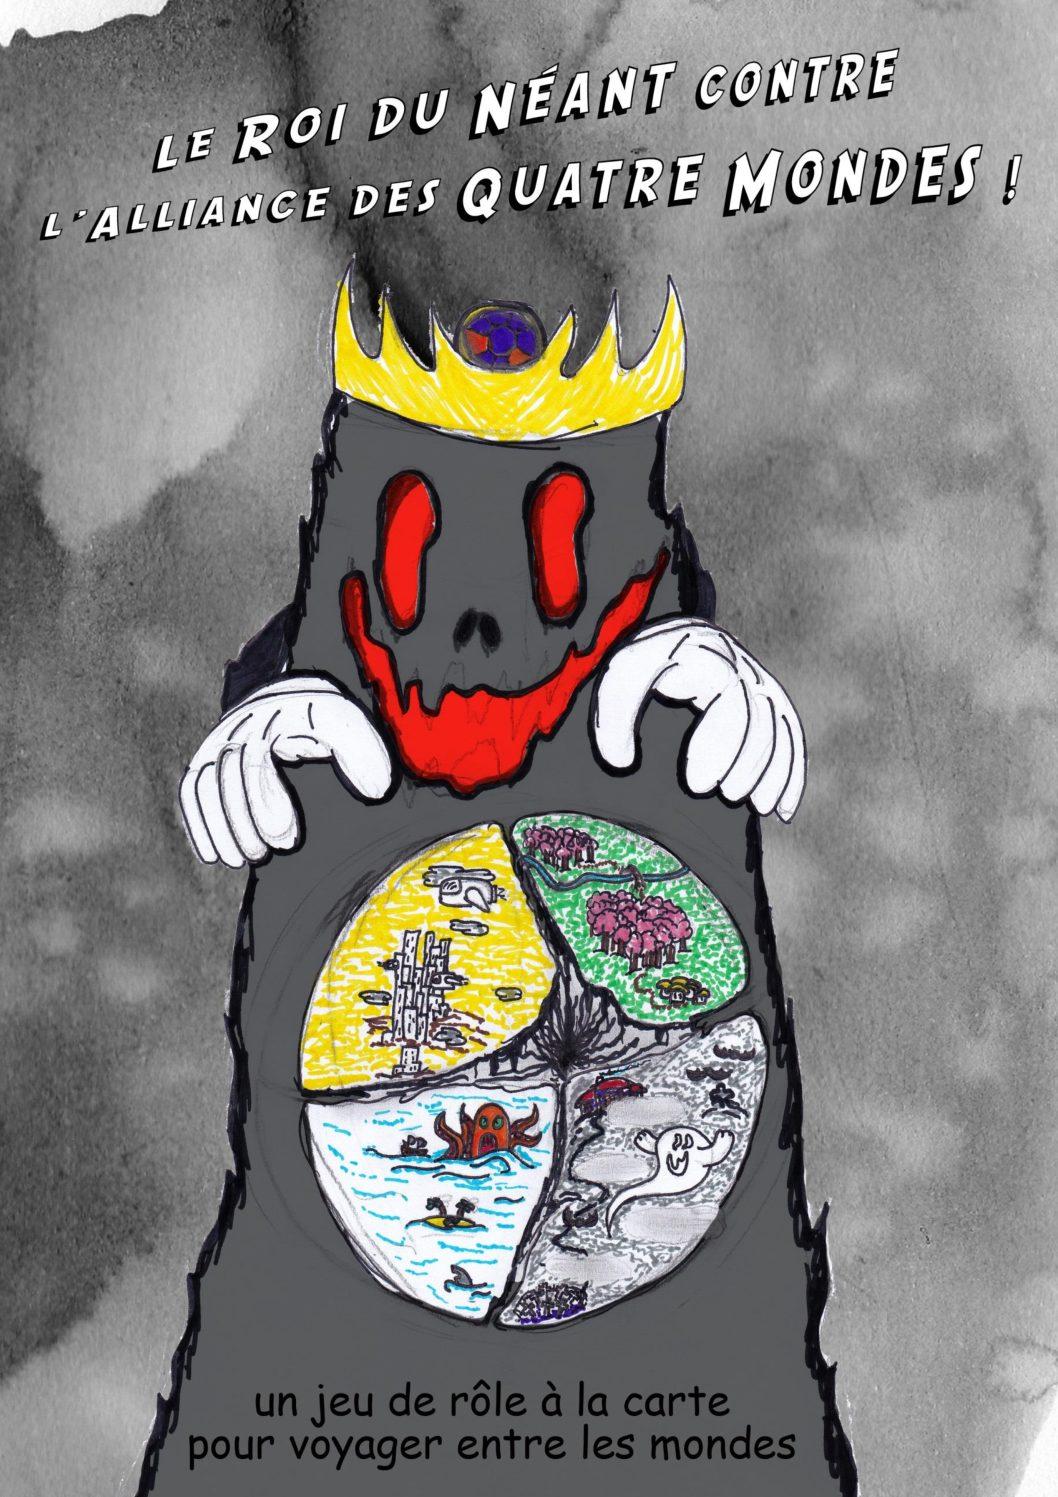 Le Roi du Néant contre l'Alliance des Quatre Mondes